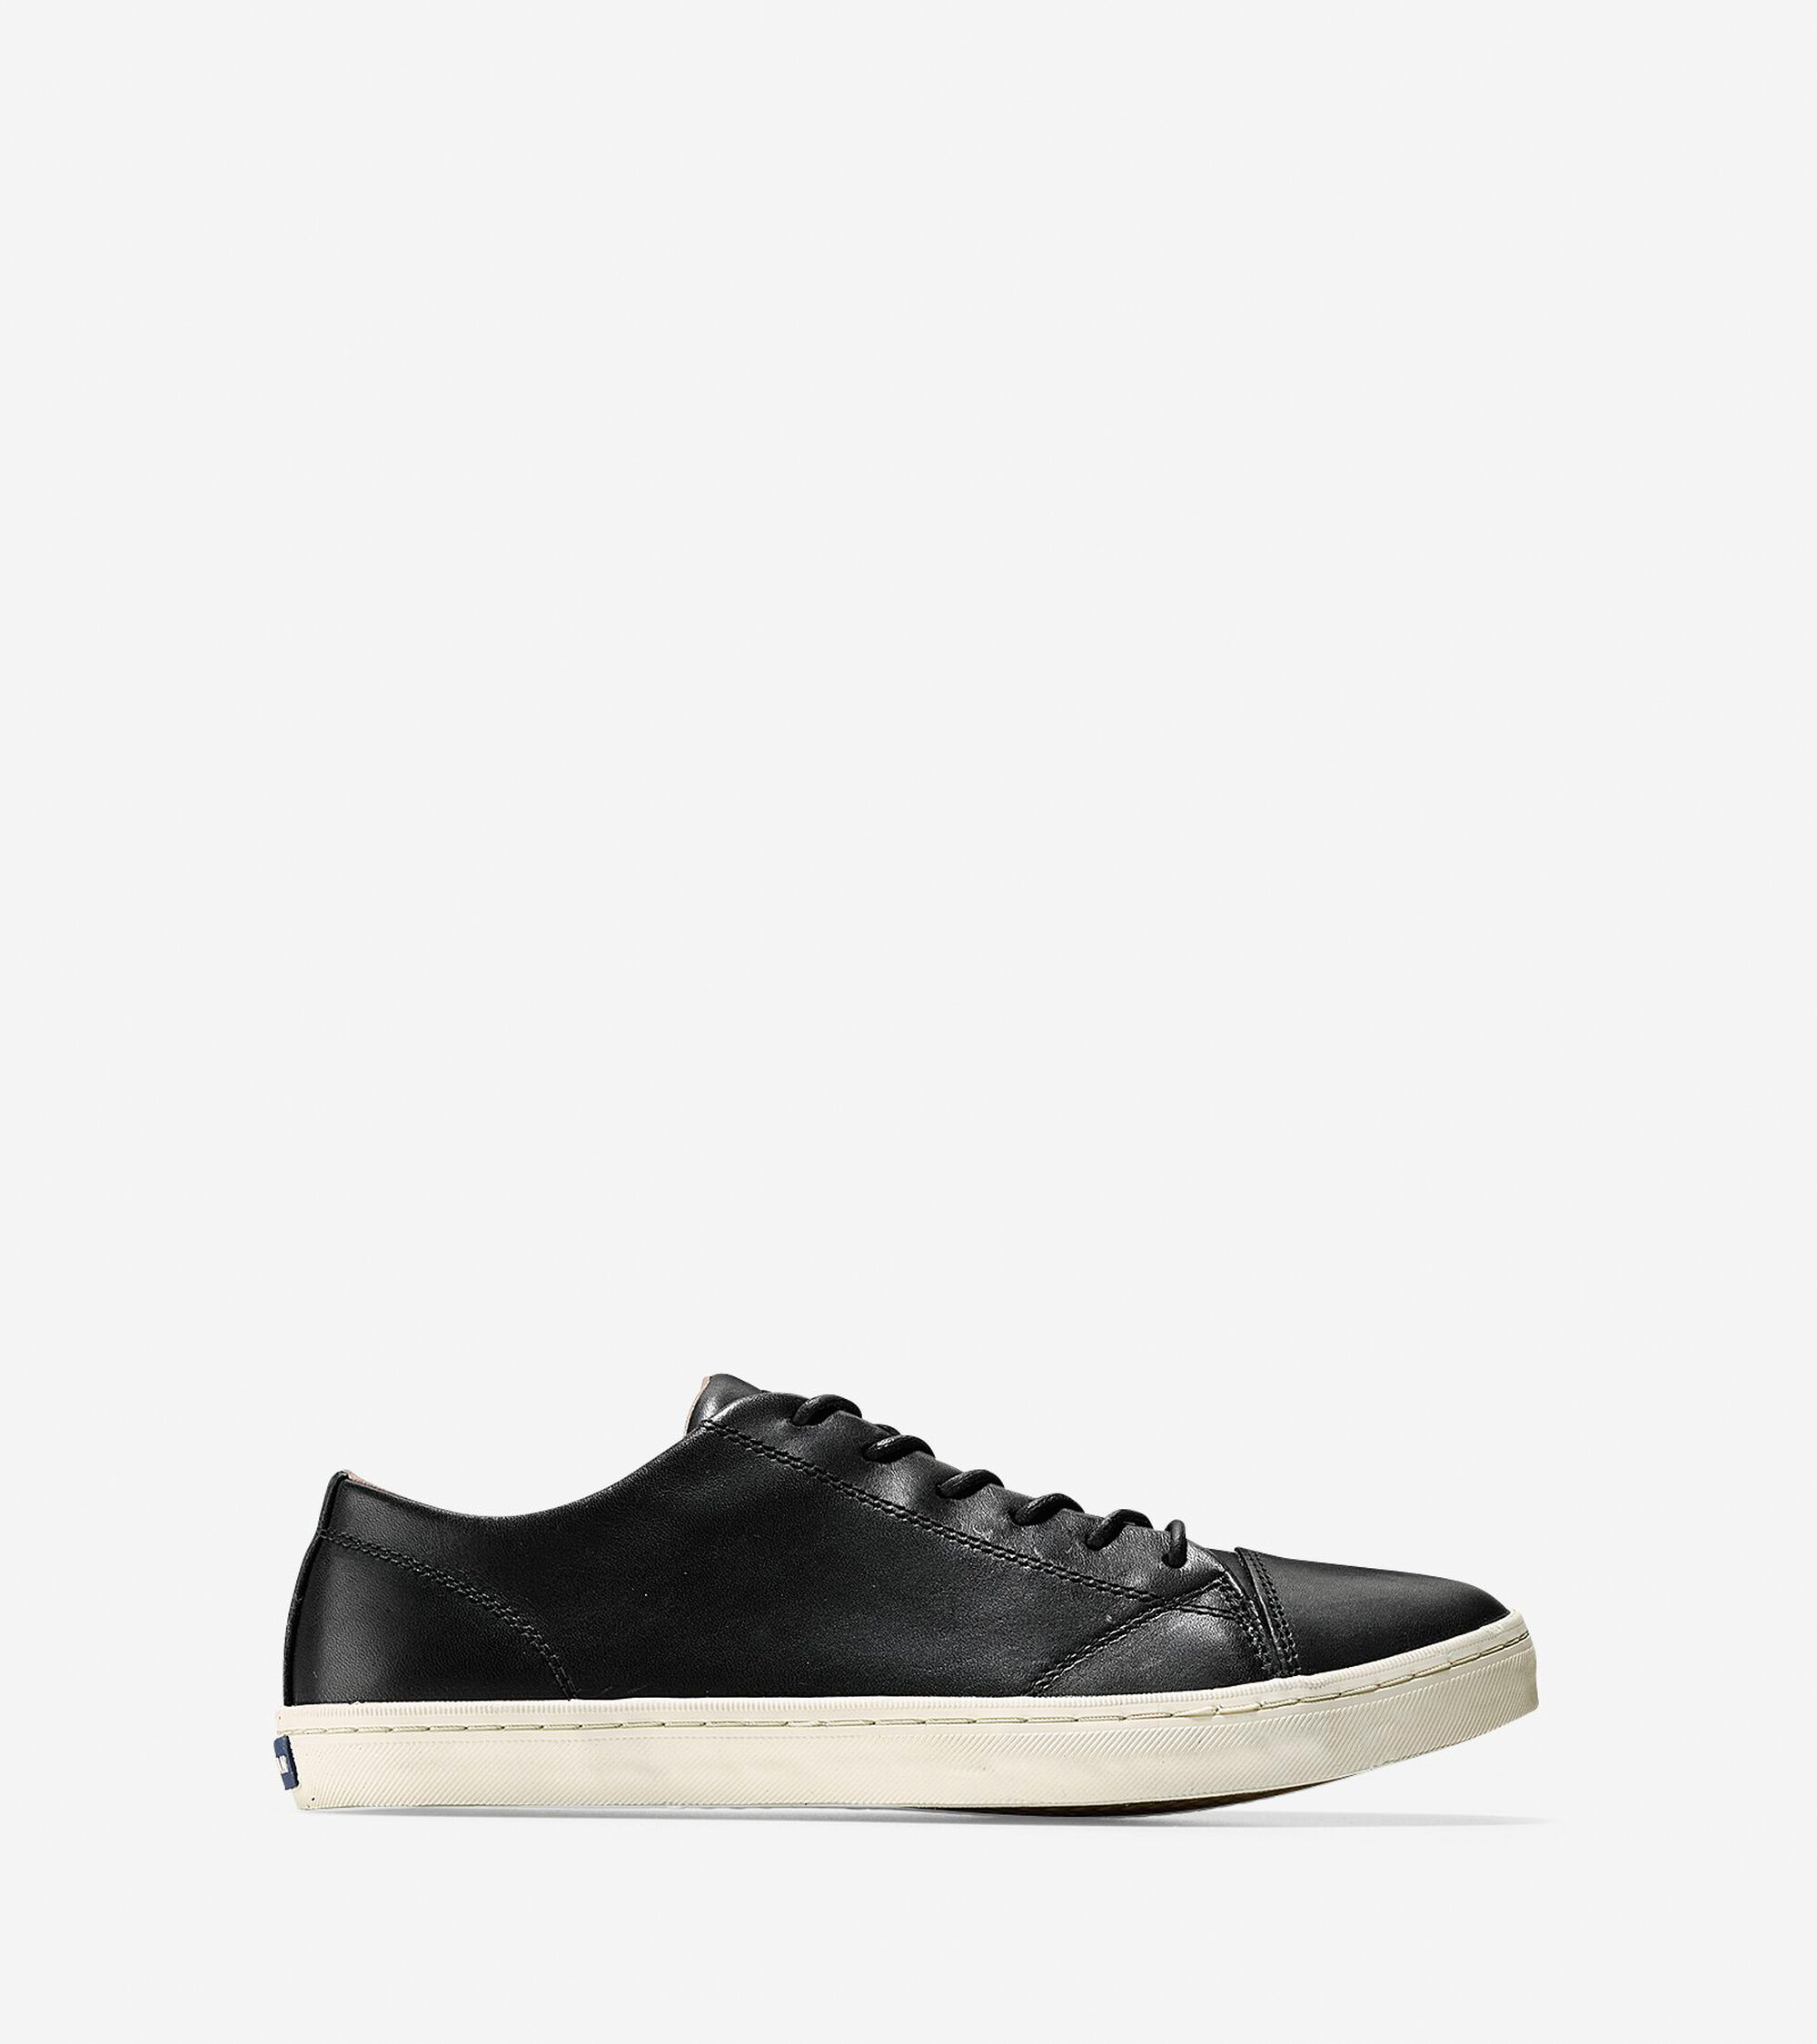 3131887969f3 Cole Haan Men s Trafton Luxe Cap Toe Sneaker in Black Handstain    ColeHaan.com